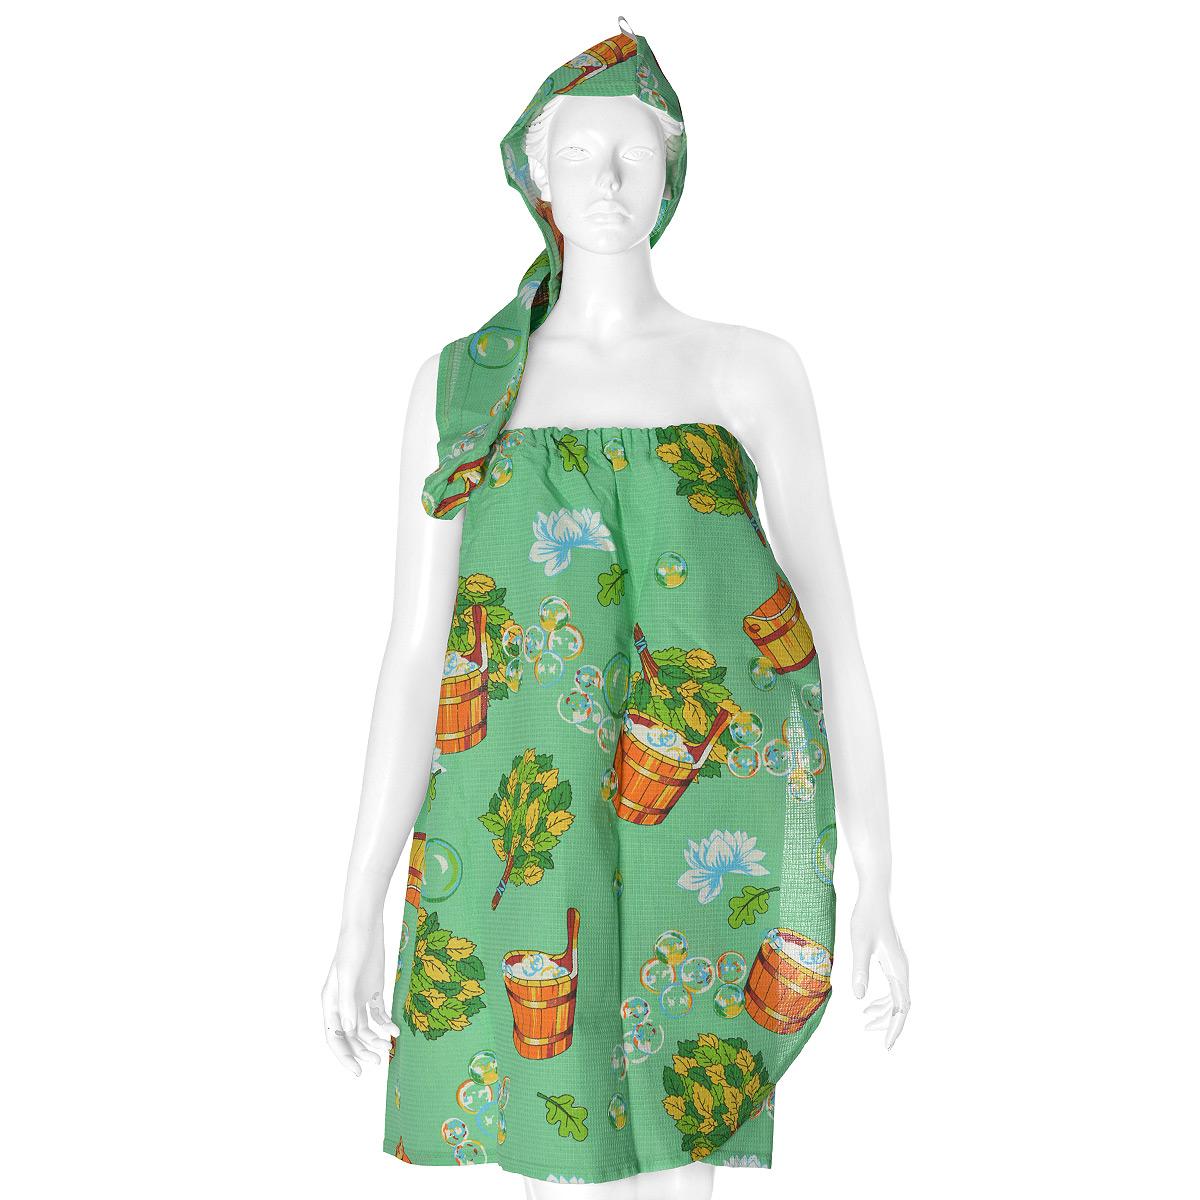 """Комплект женский для бани и сауны """"Невский банщик"""", цвет: зеленый, 2 предмета"""